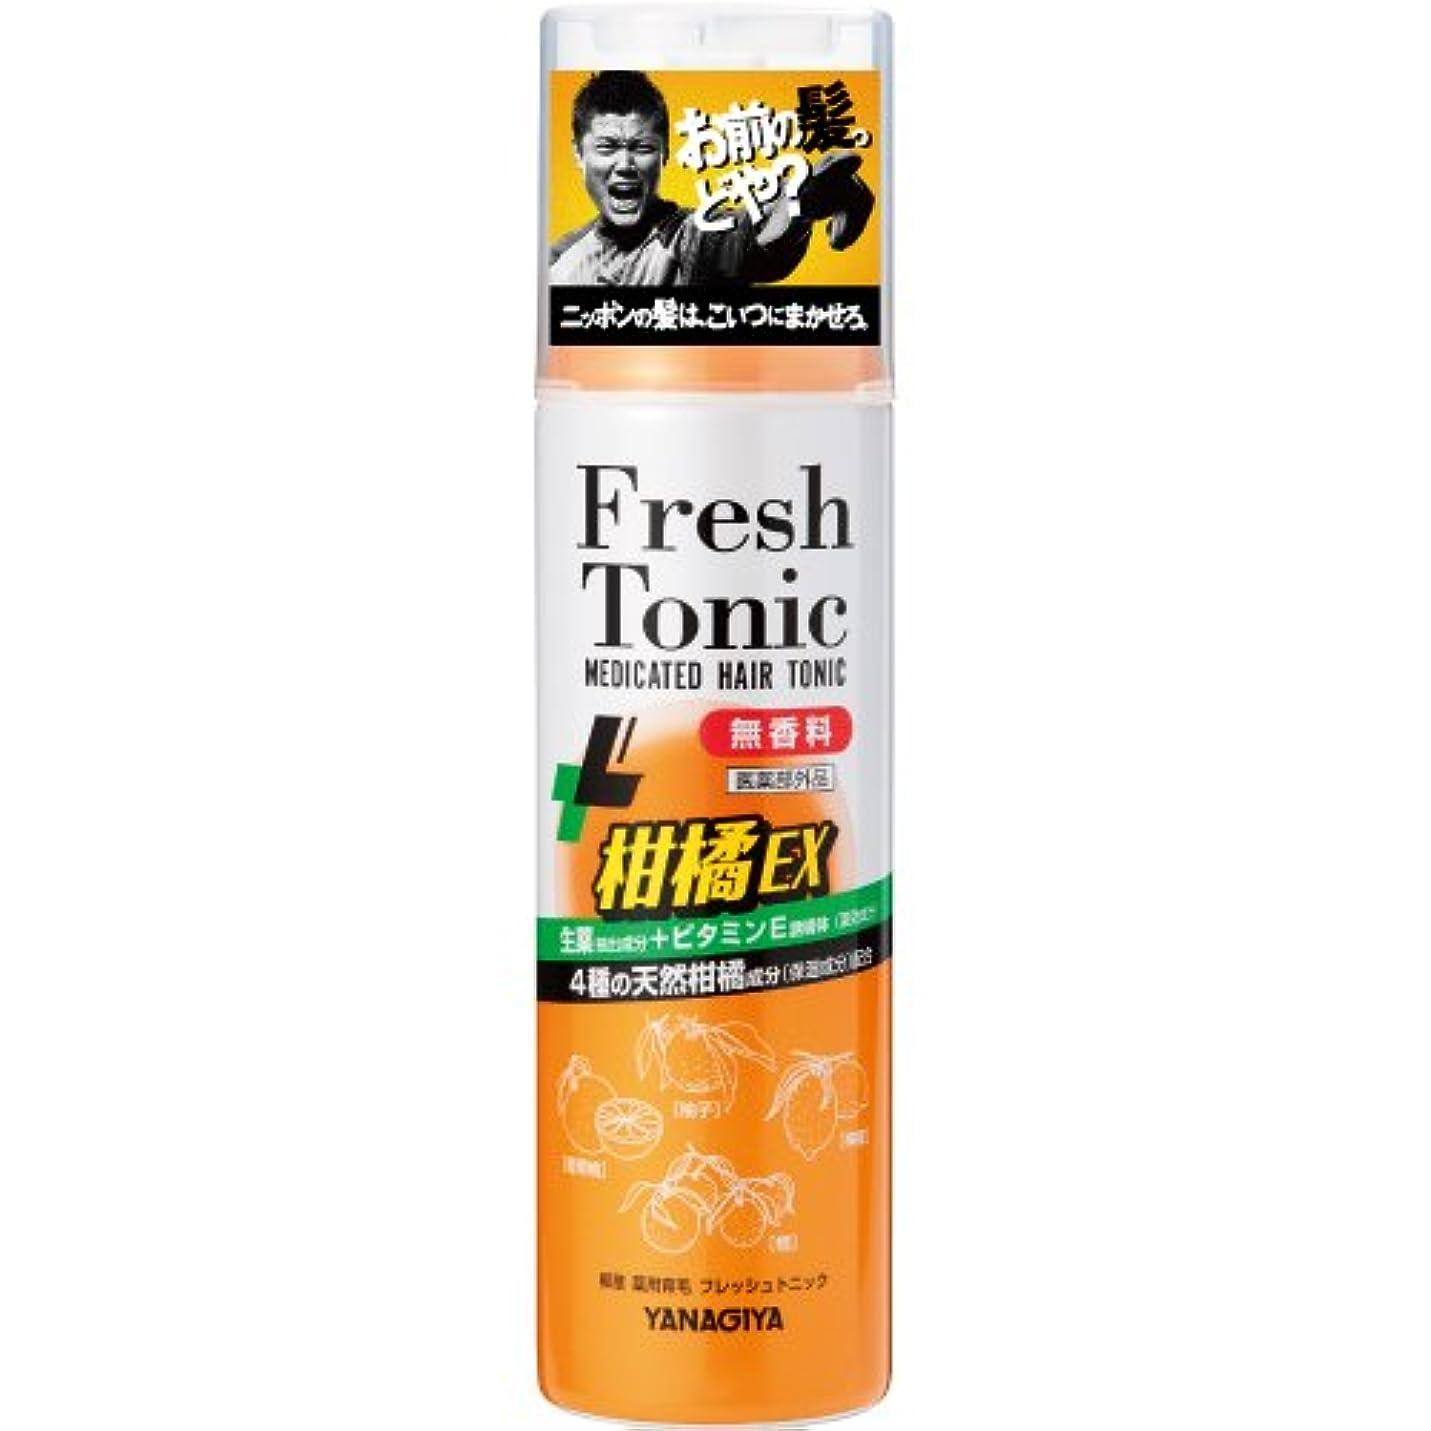 思われるアテンダント顔料柳屋 薬用育毛 フレッシュトニック 柑橘EX <無香料> 190g